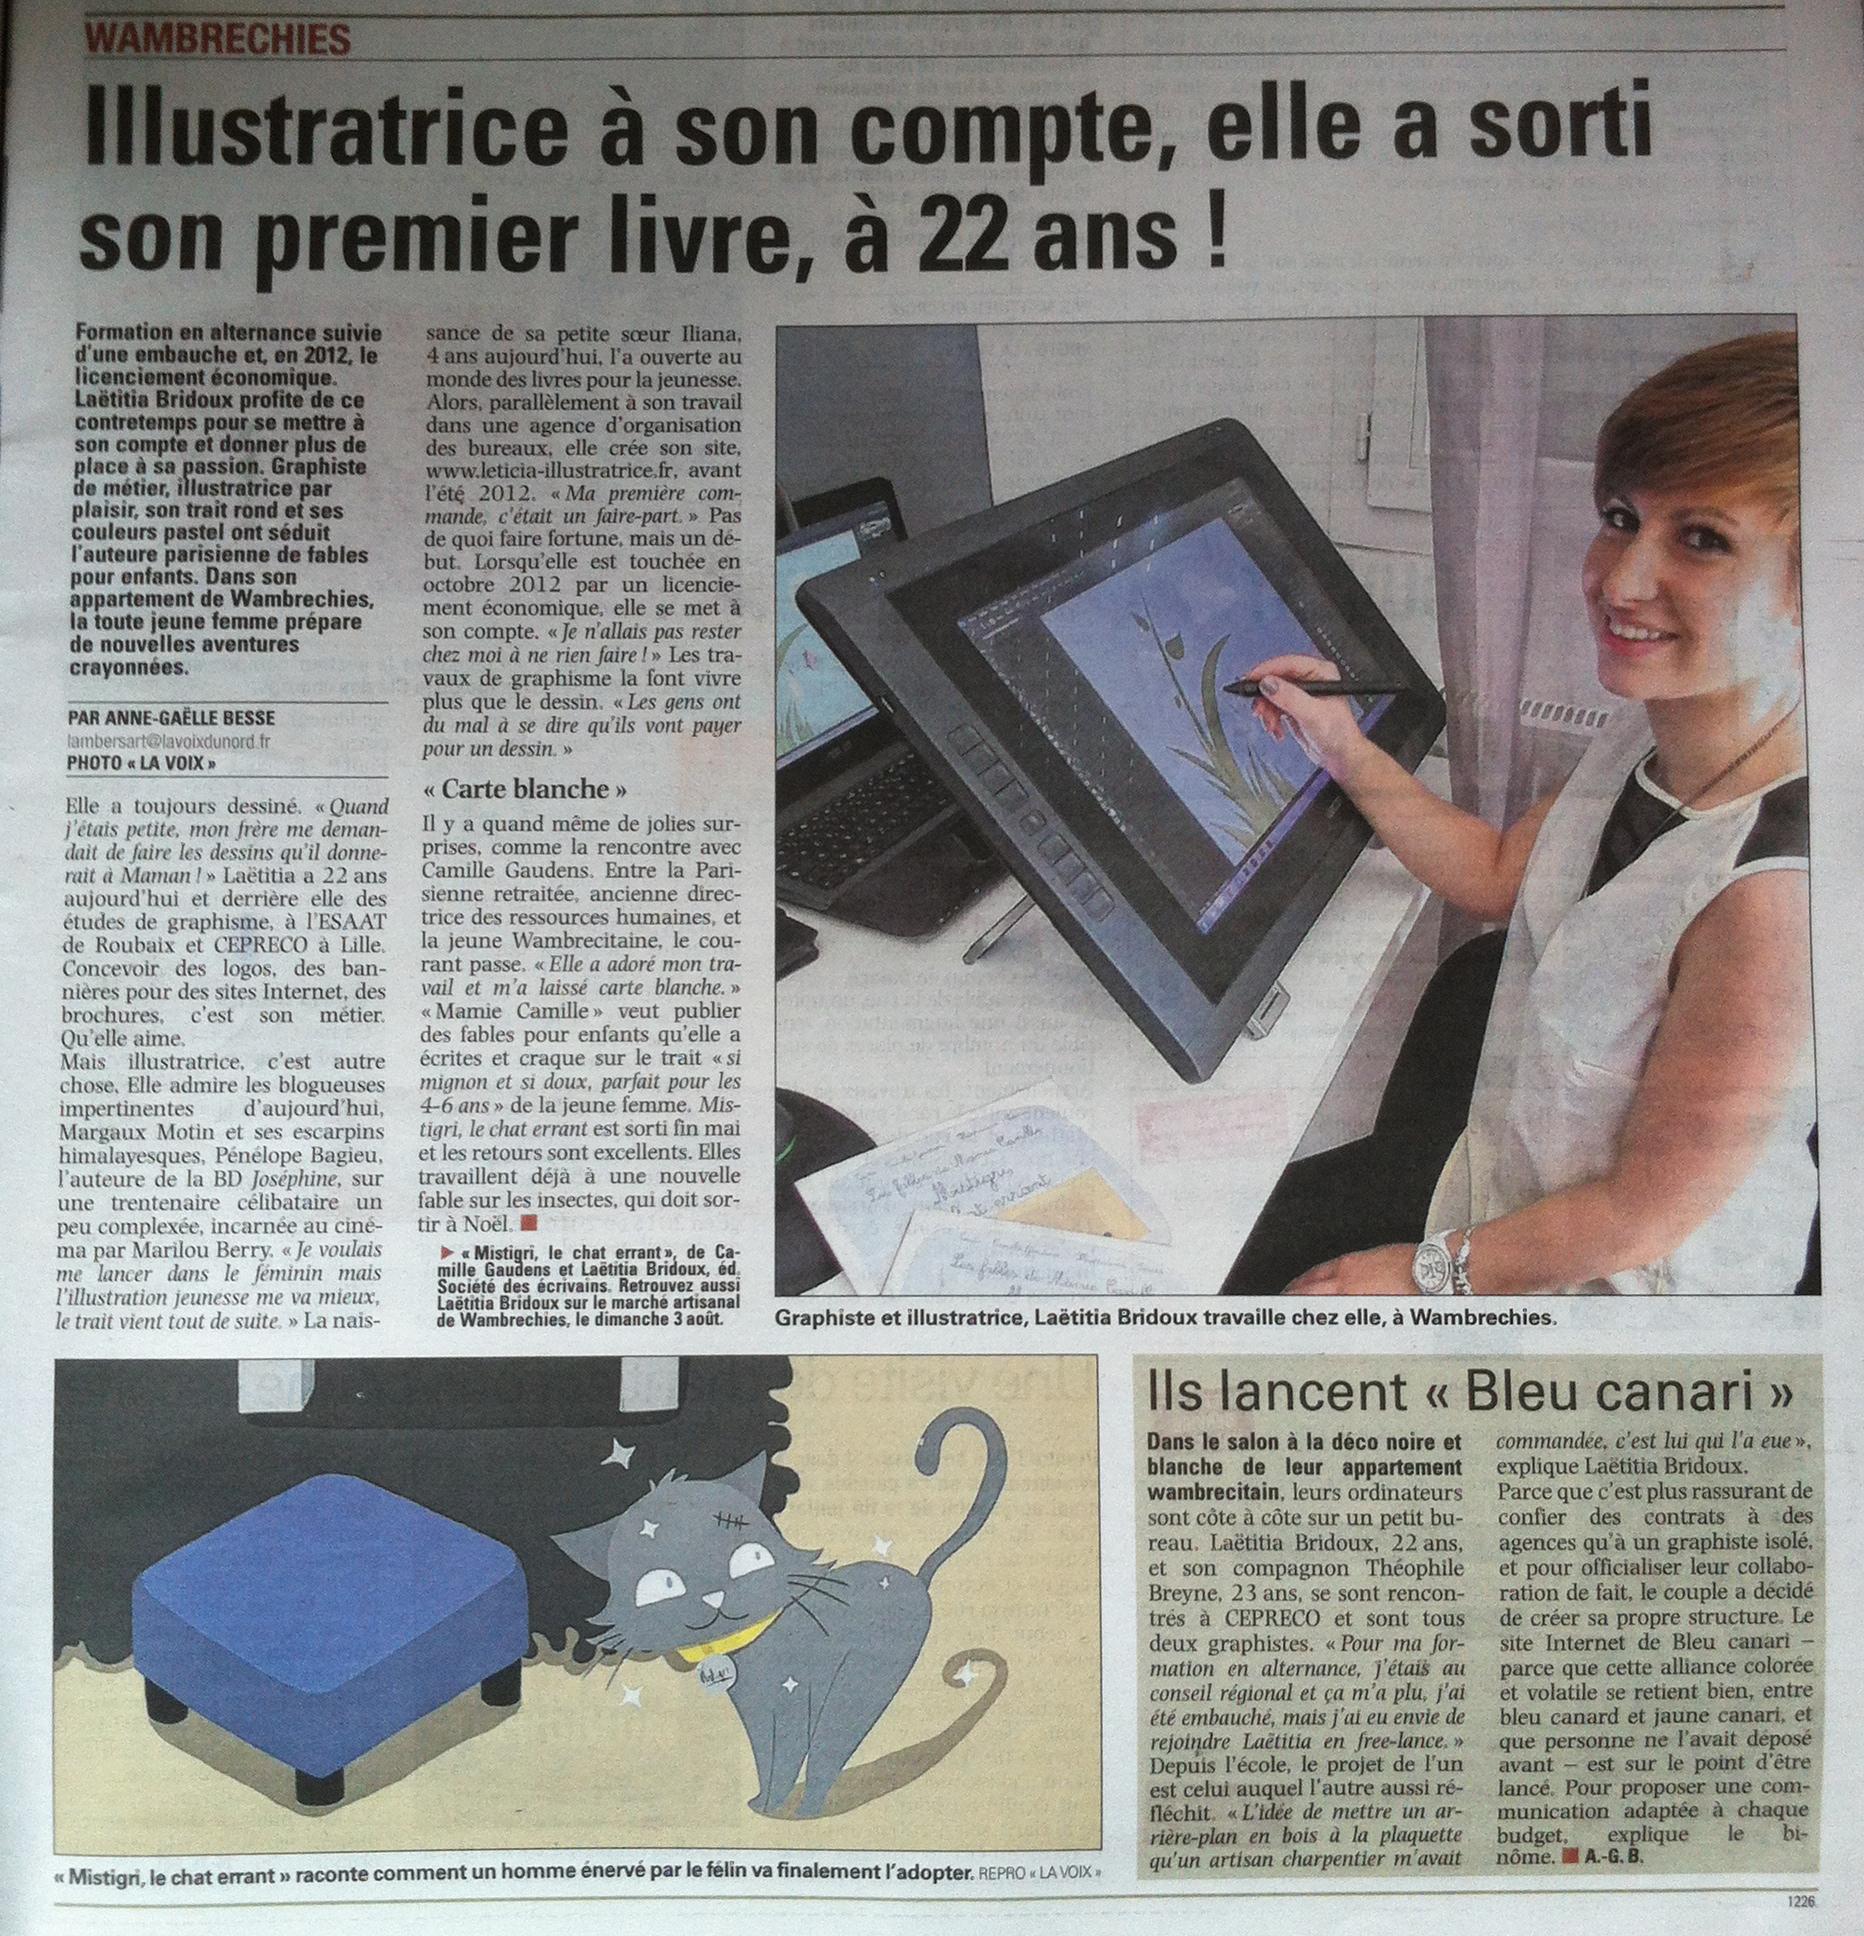 laetitia bridoux, illustratrice freelance, illustratrice lille